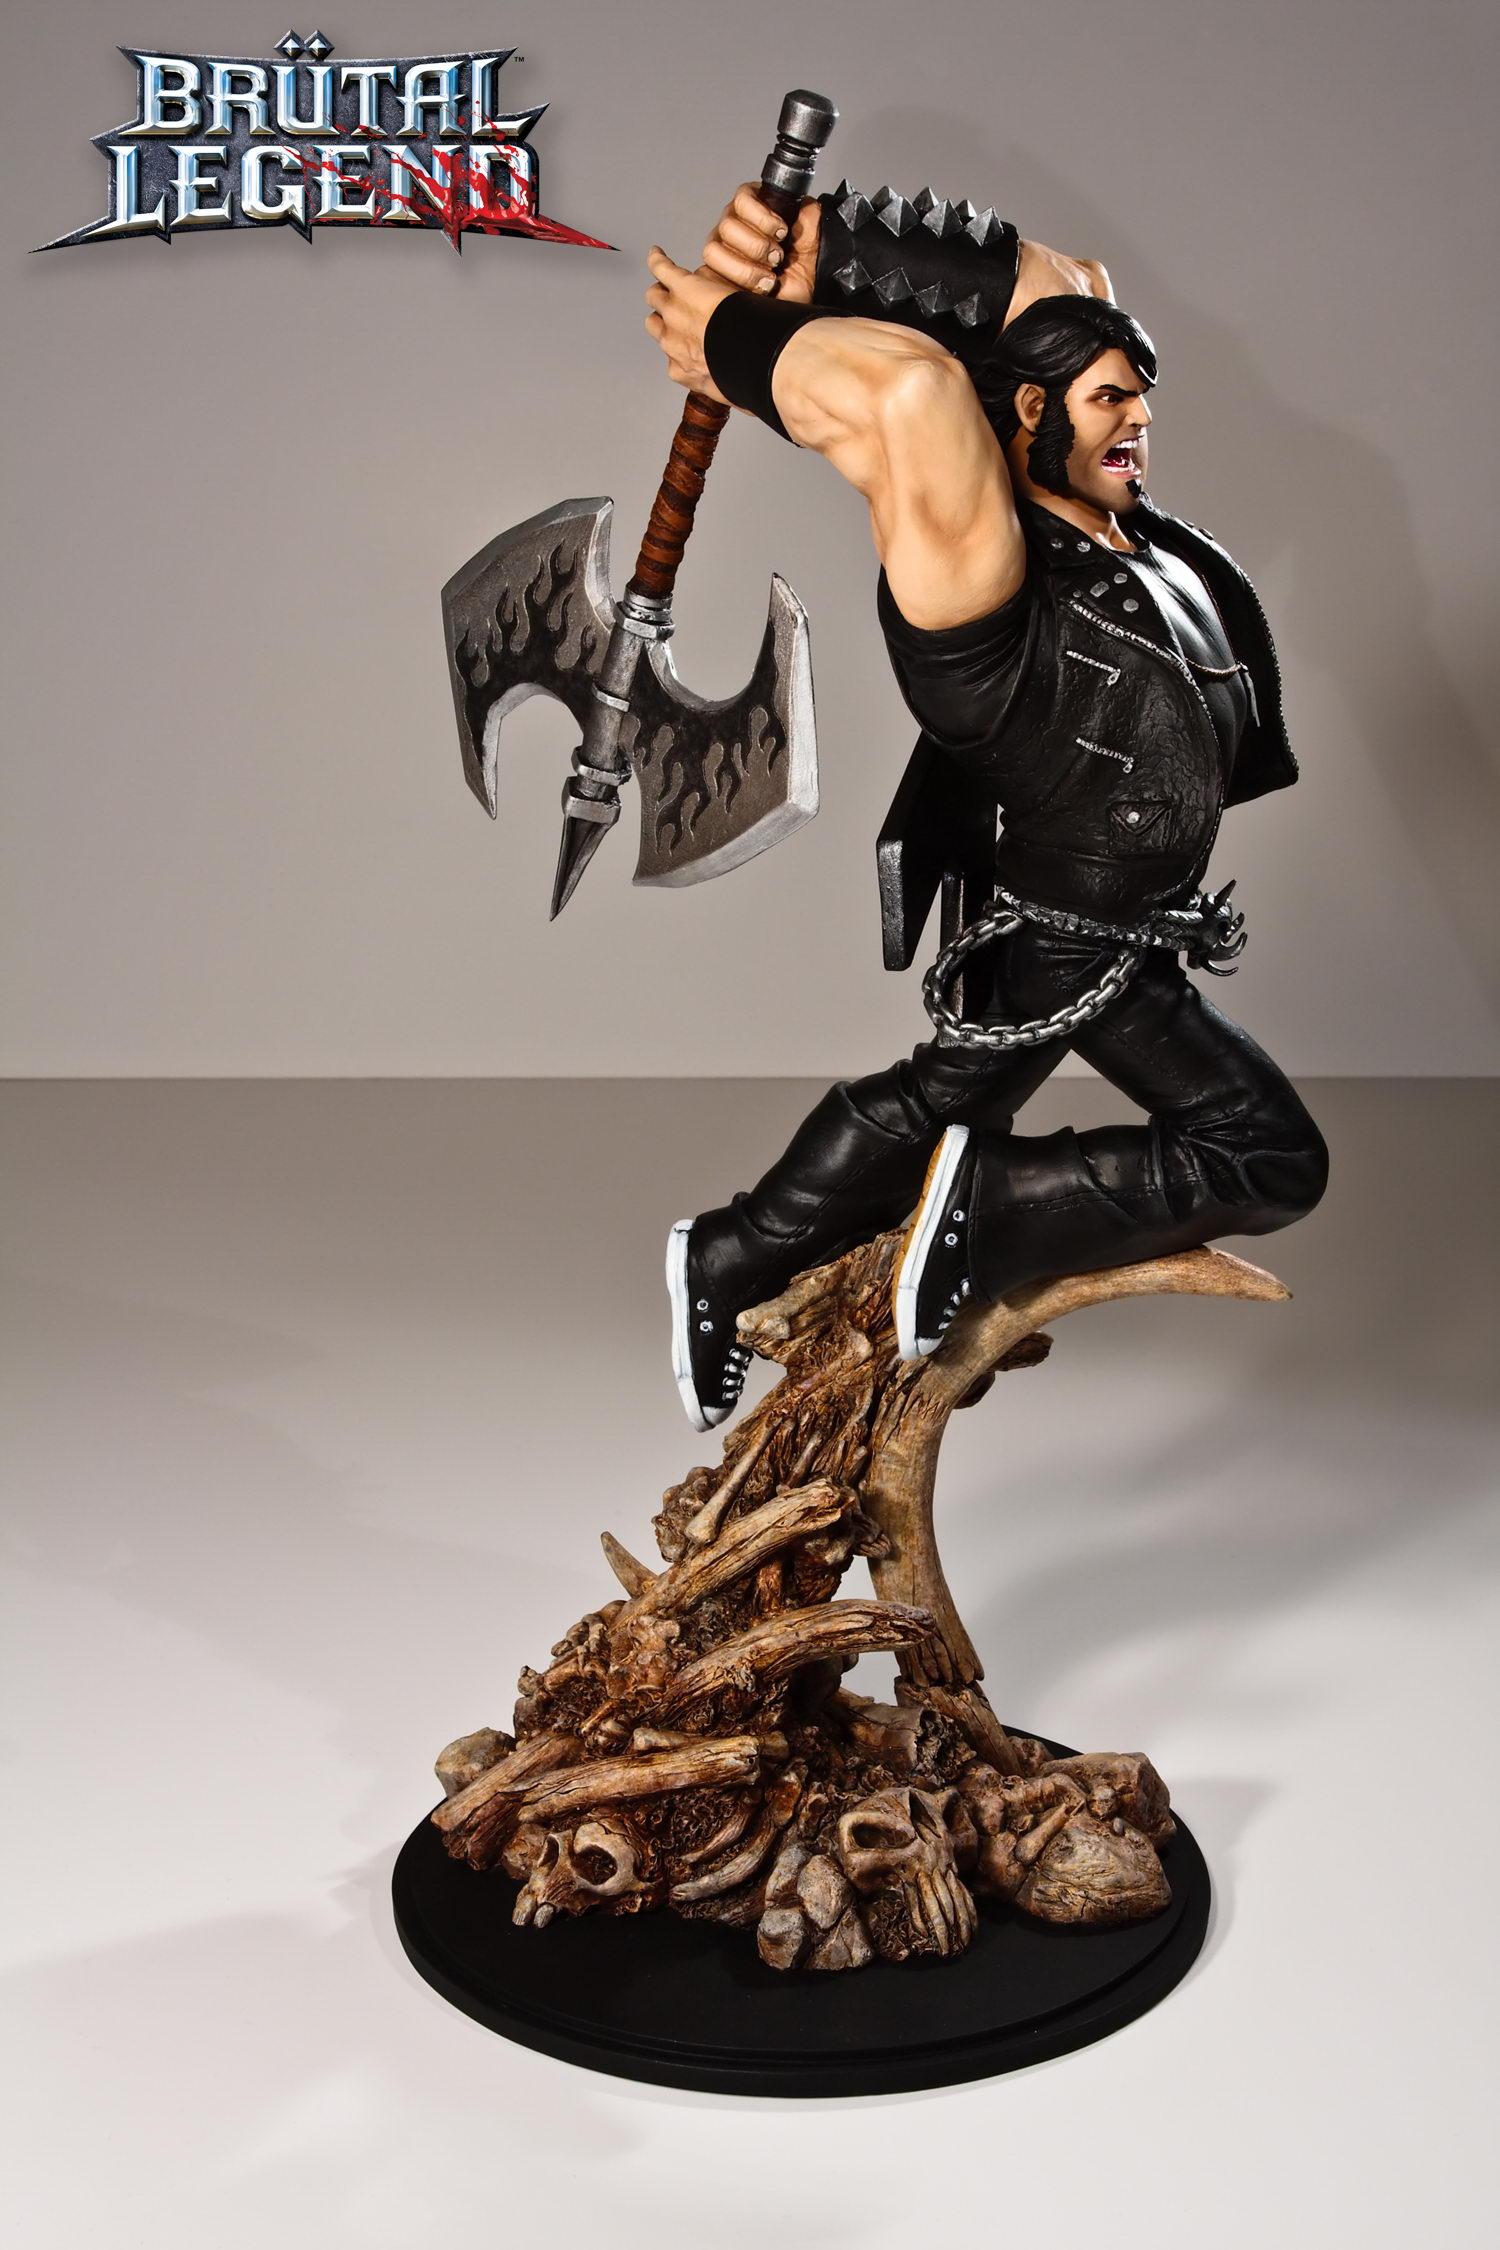 BrutalLegend EddieRiggs Figurine003